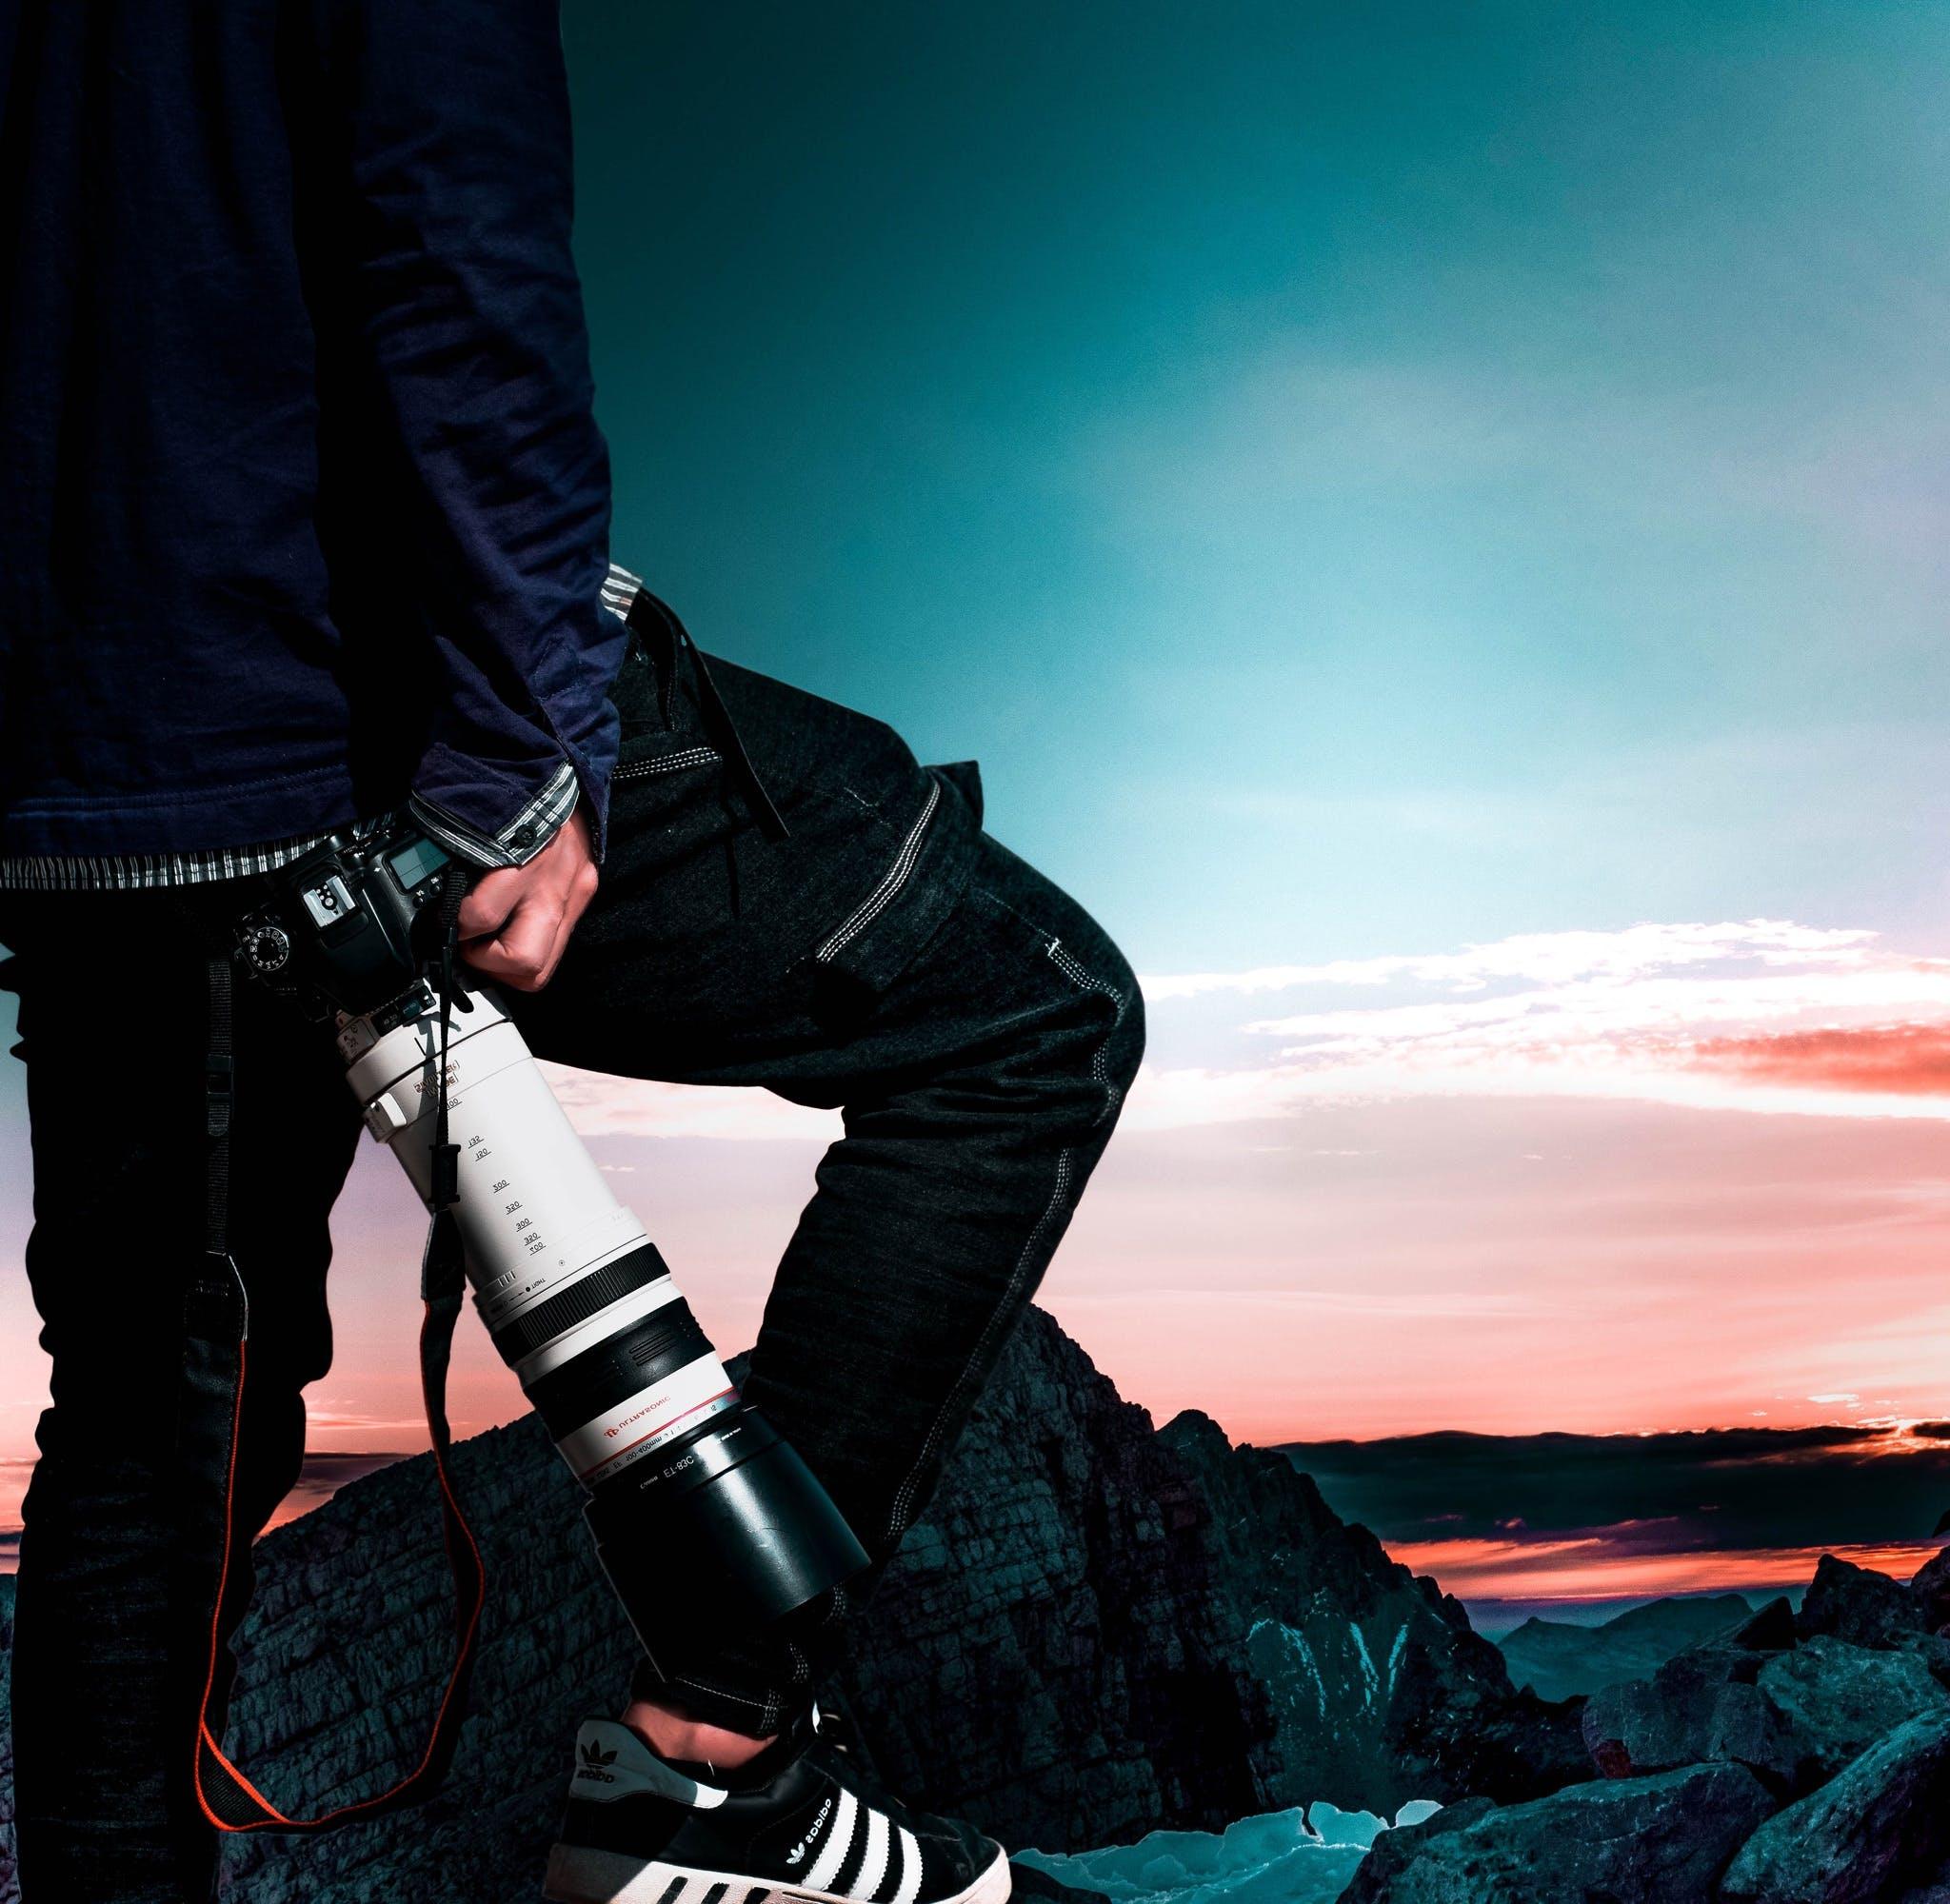 Man Wearing Black Bomber Jacket and Denim Jeans Holding Dslr Camera